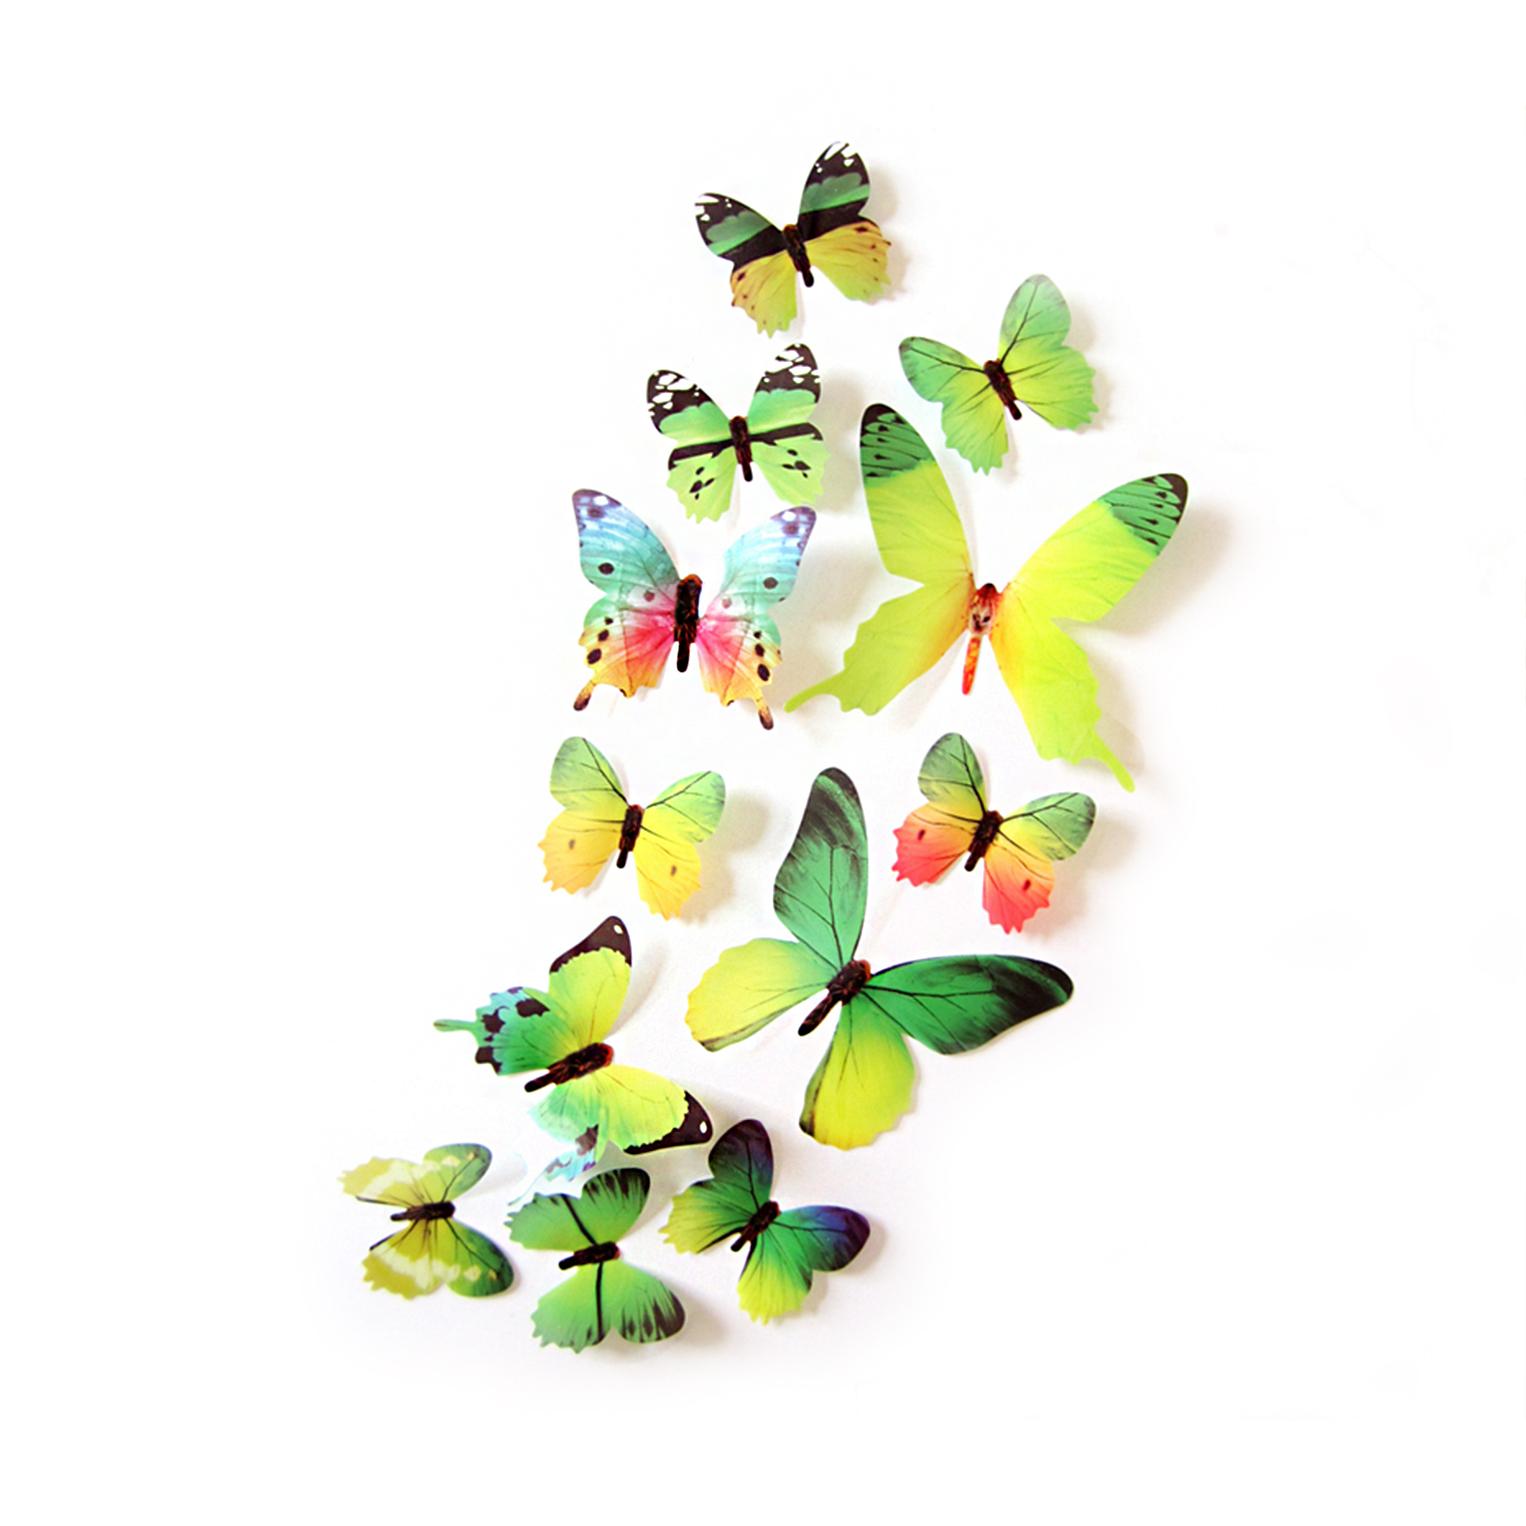 3D-Schmetterlinge-Blumen-12er-Set-Dekoration-Wandtattoo-Wandsticker-Wanddeko Indexbild 14